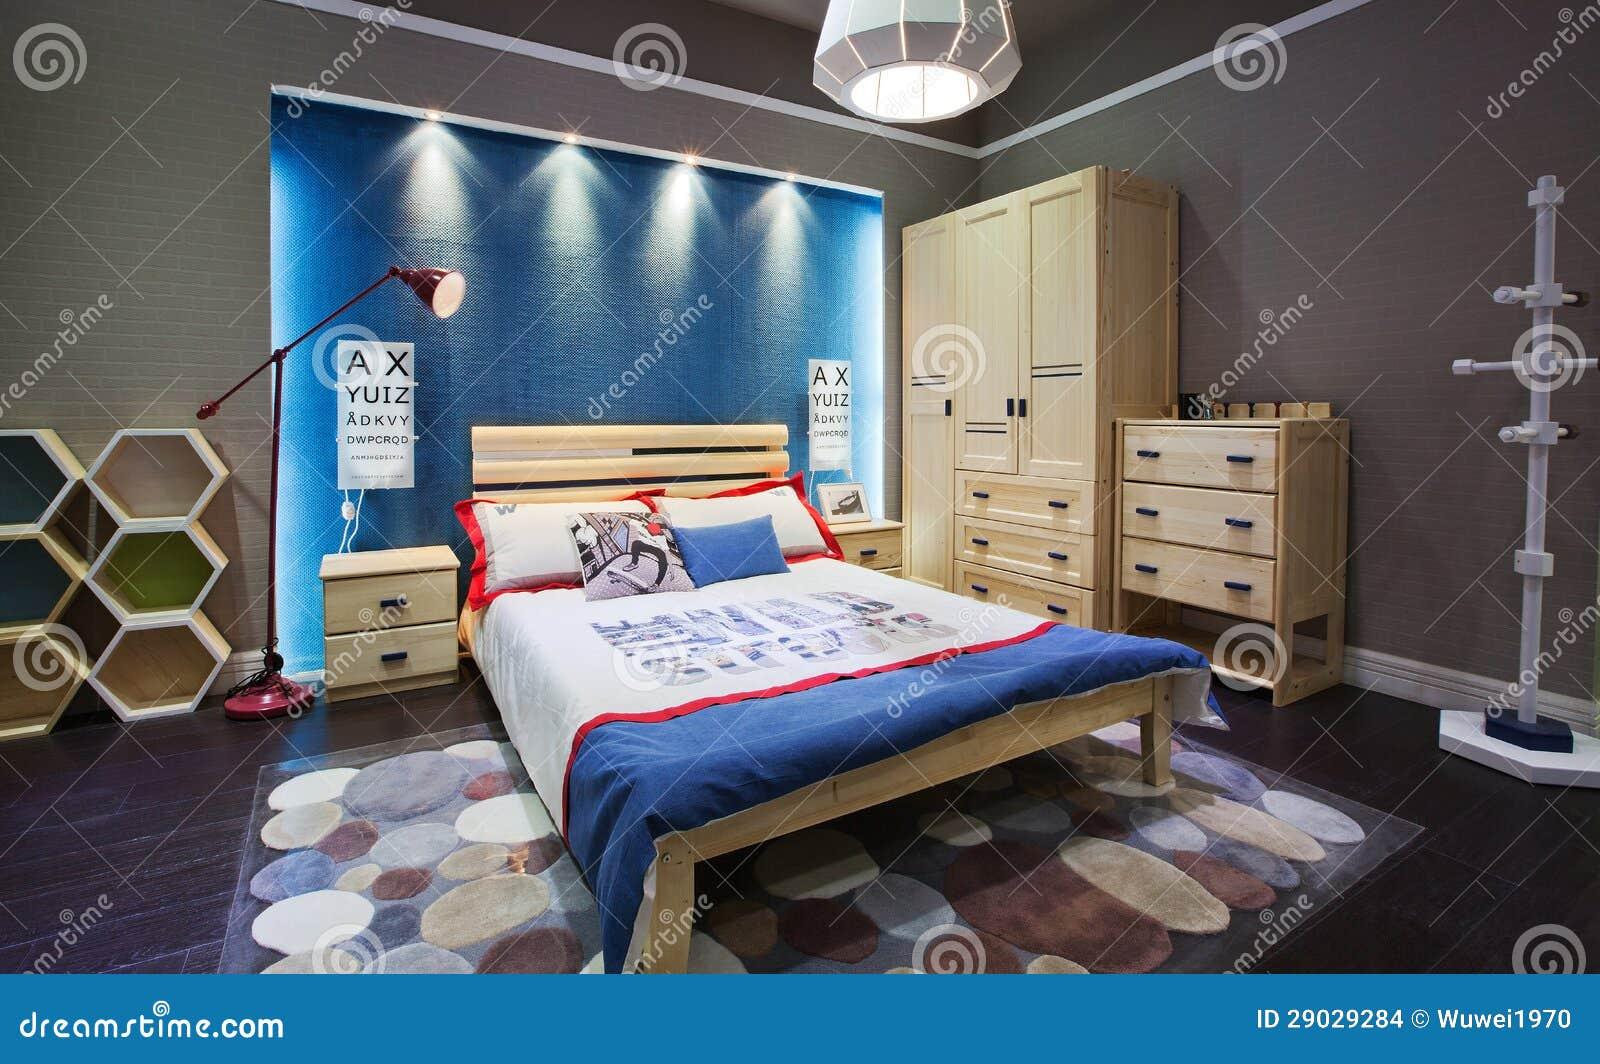 Kinder Slaapkamer Lampen : Kinderschlafzimmer stockfoto bild von sofa lampe